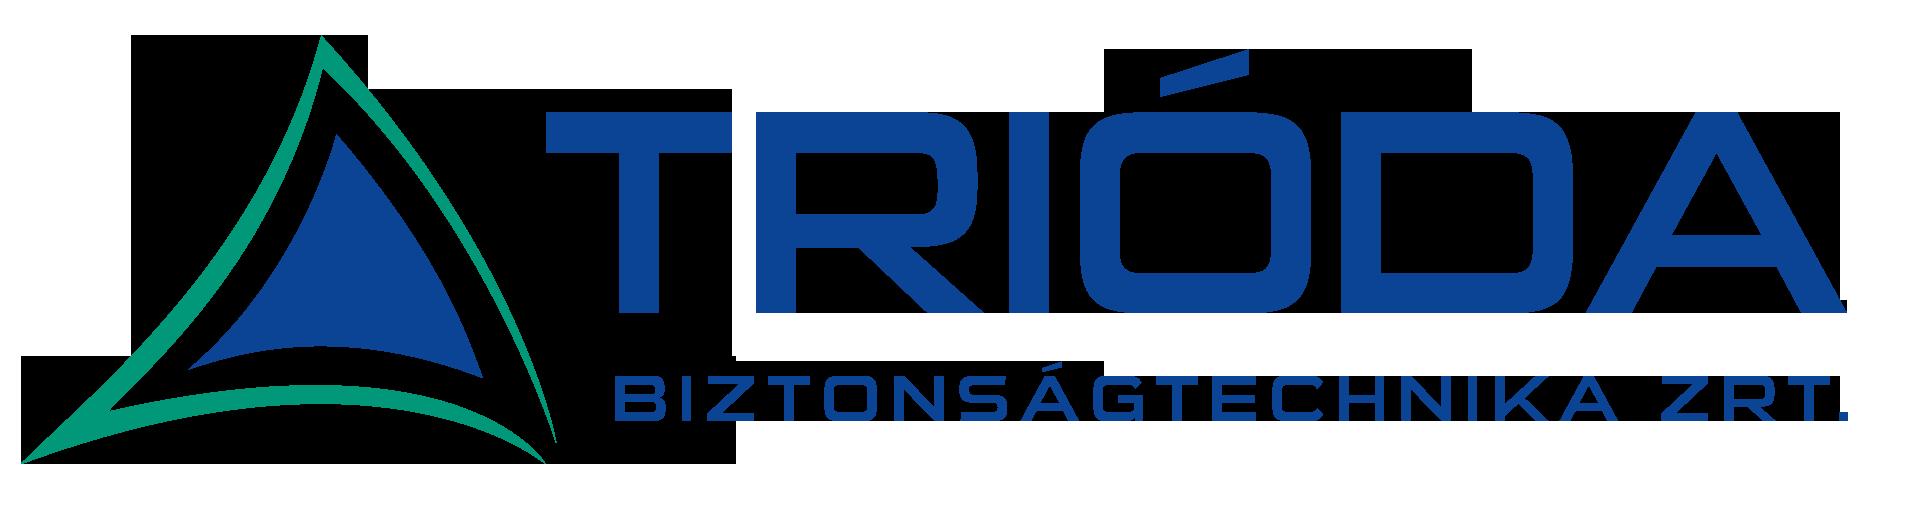 Trióda Biztonságtechnika Zrt